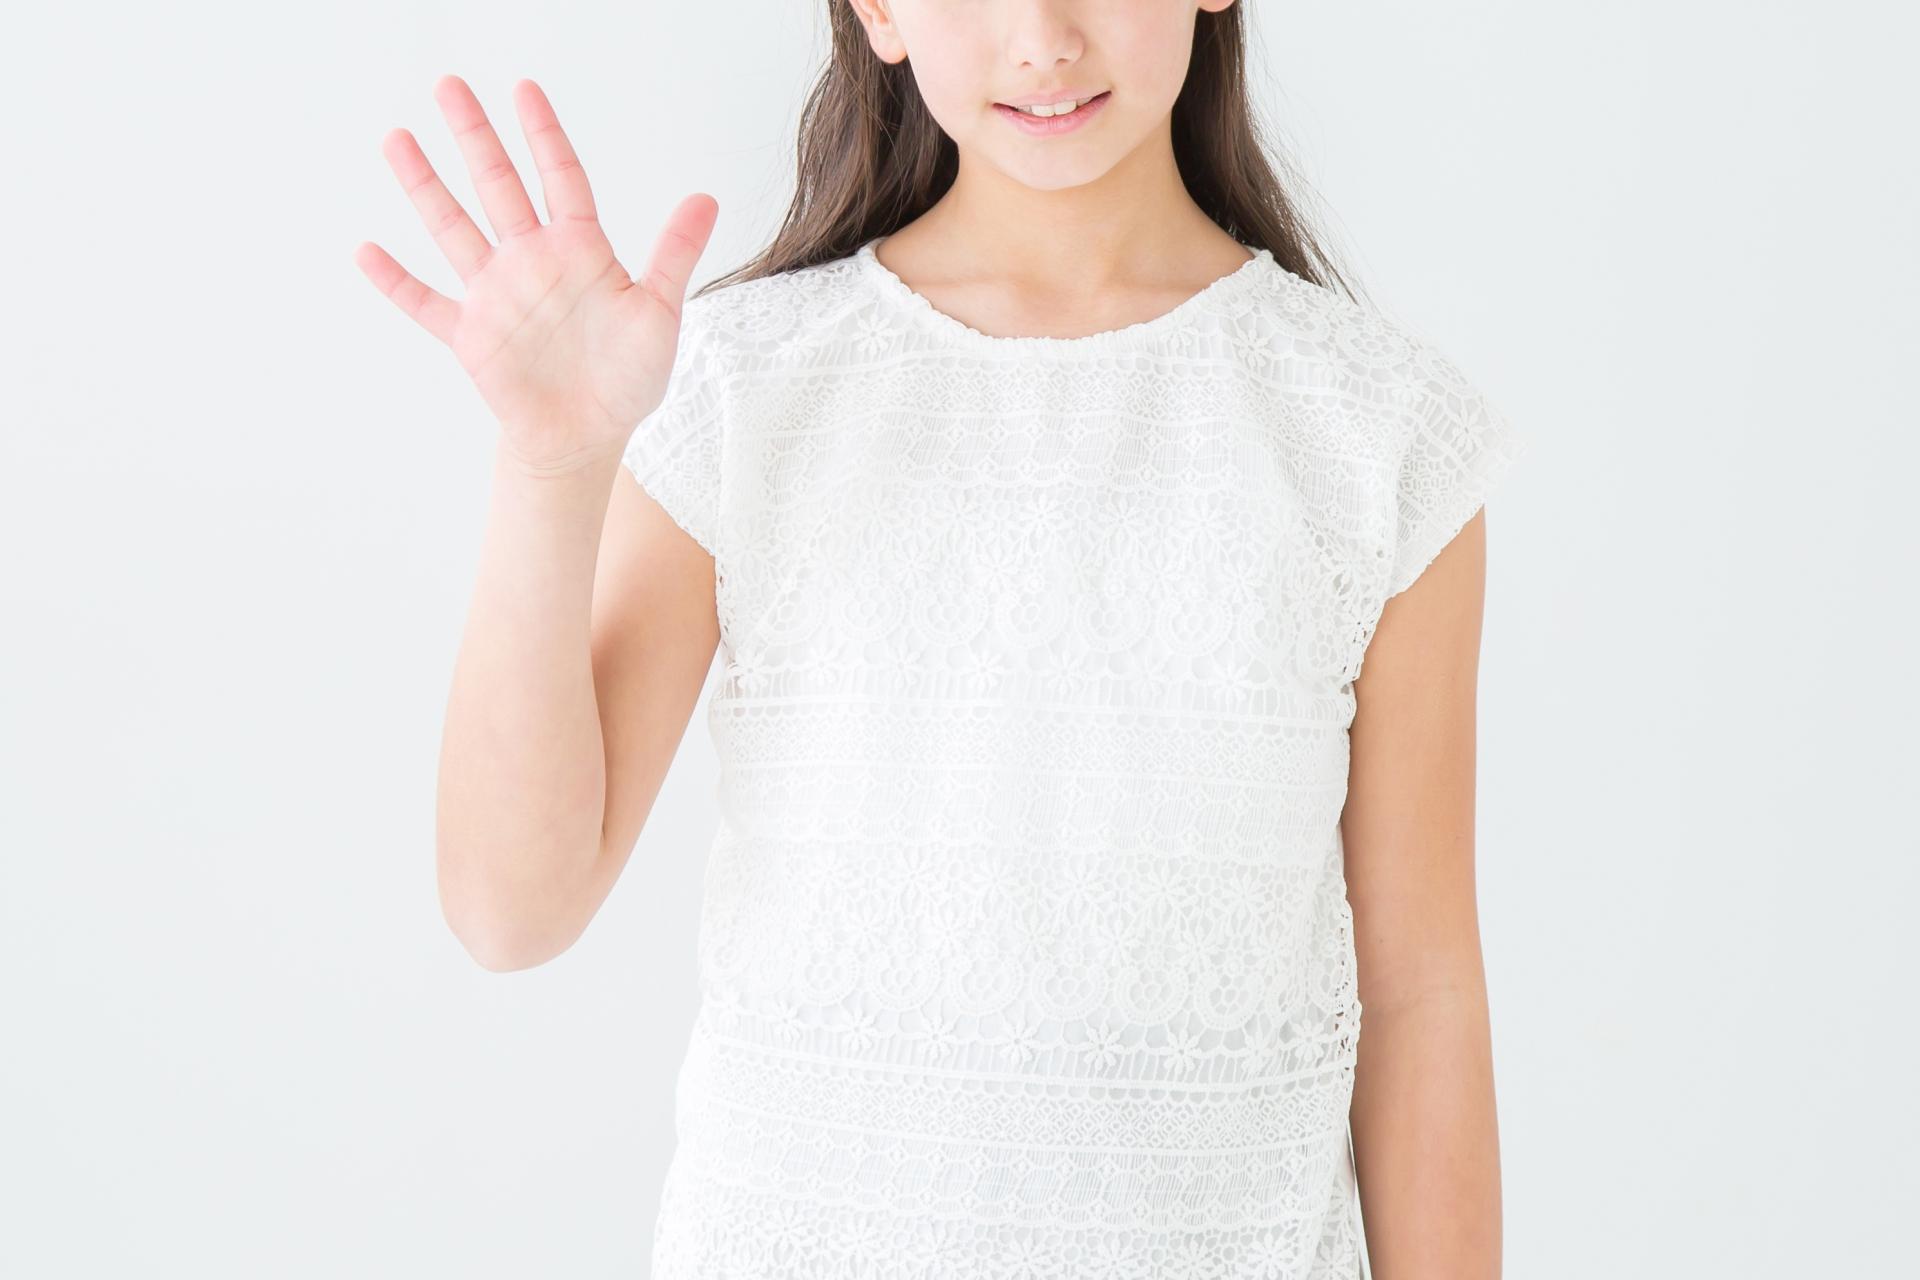 スペイン語で「さようなら」「またね」は何と言う?別れの挨拶の仕方